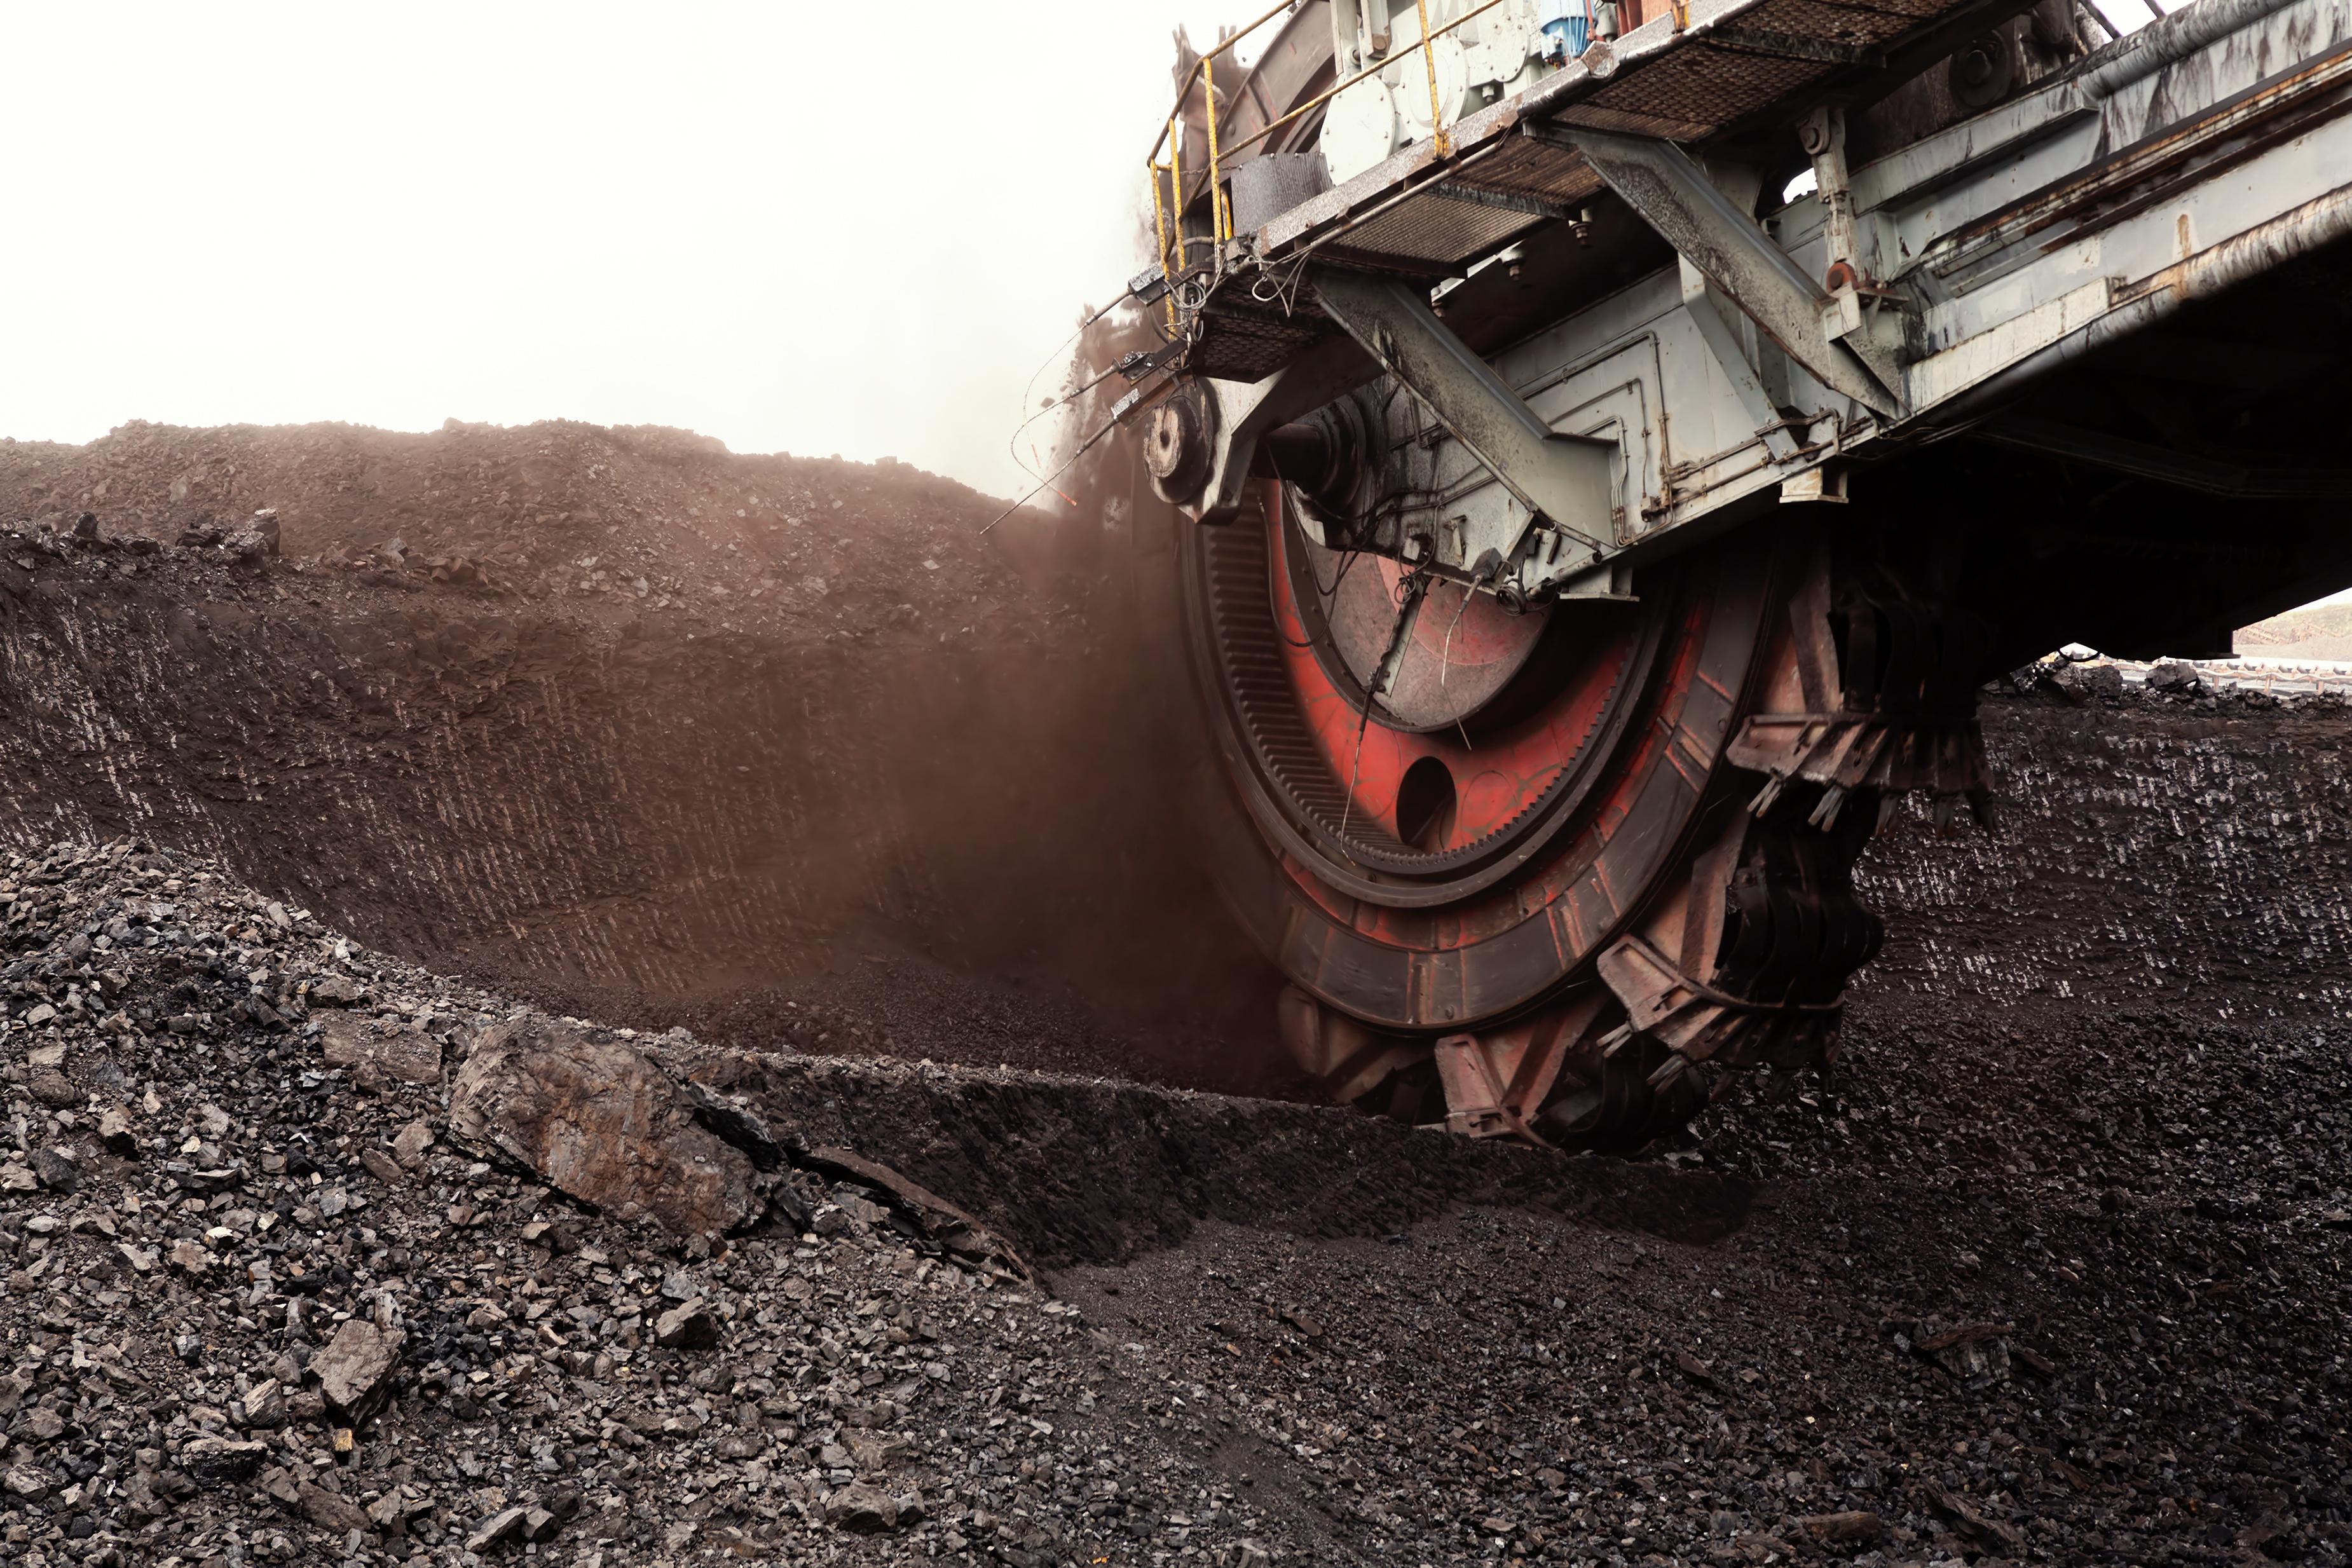 Giant bucket wheel excavator for digging coal.